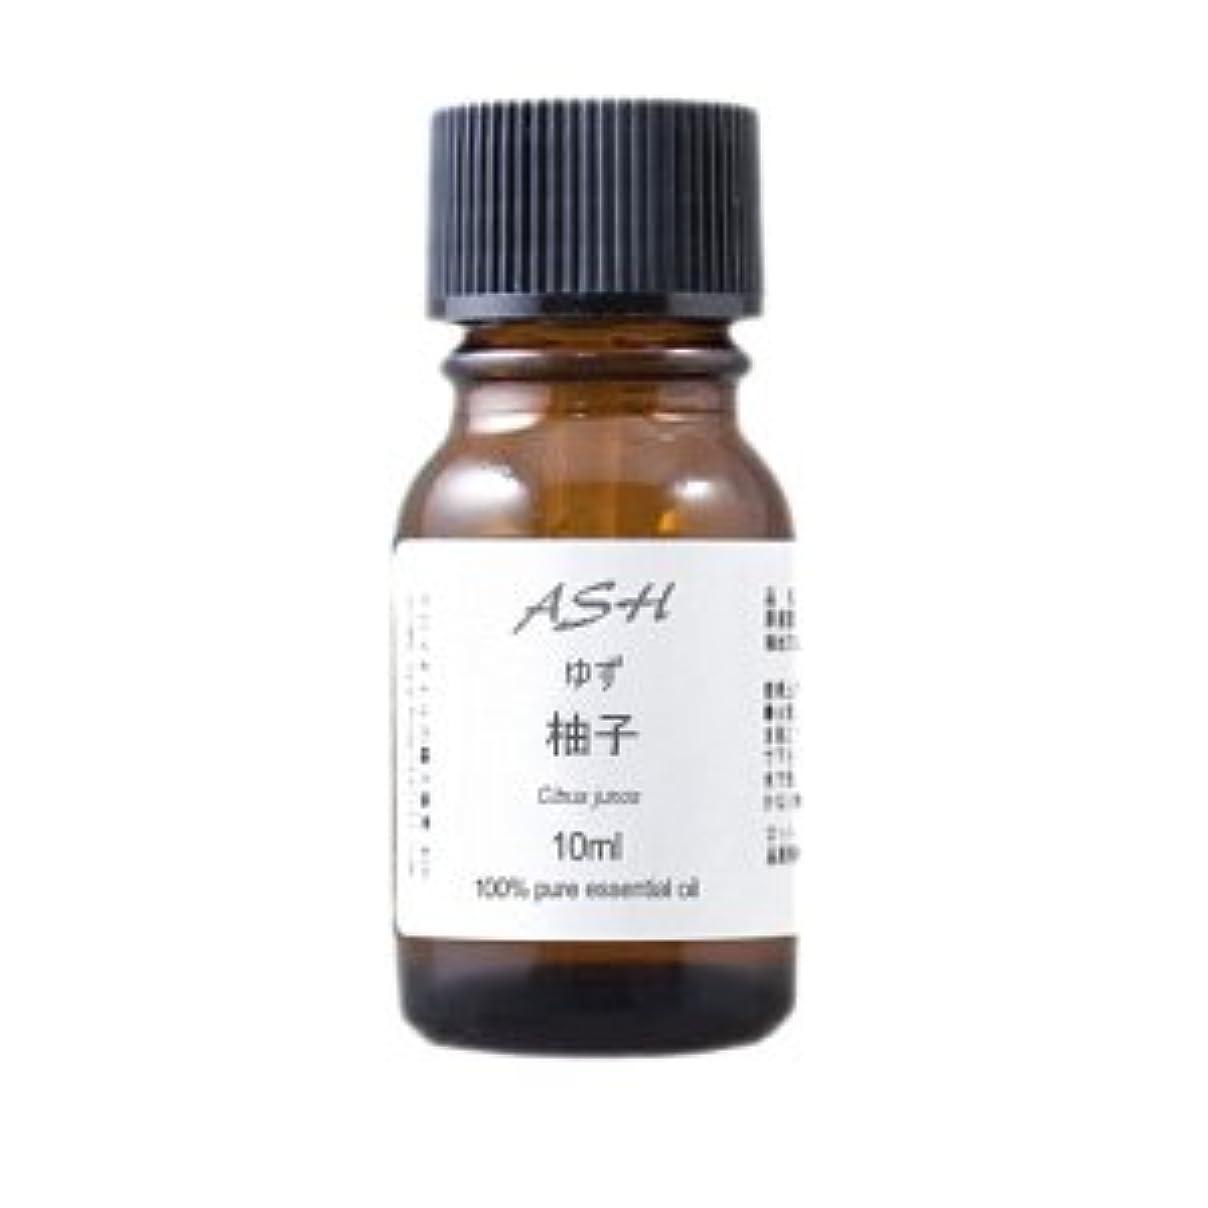 気性矢印めんどりASH 柚子 (ゆず) エッセンシャルオイル 10ml 【和精油】【Yuzu Essential Oil-Japan】 AEAJ表示基準適合認定精油